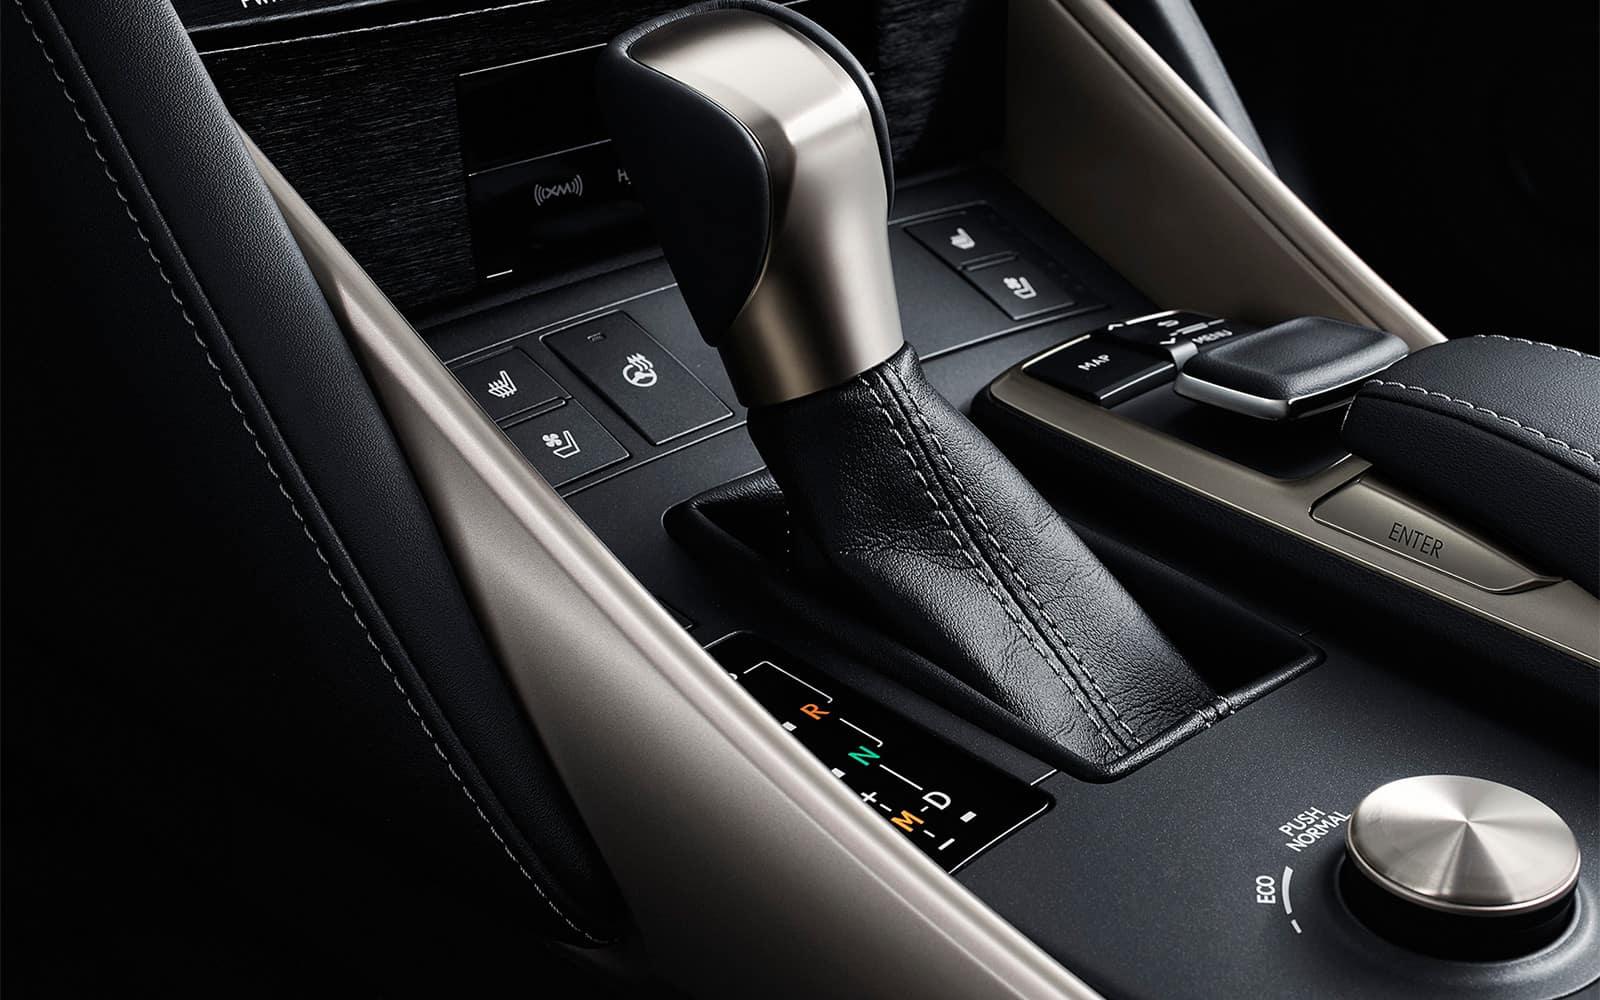 Lexus-2018-is-shift-lever-l